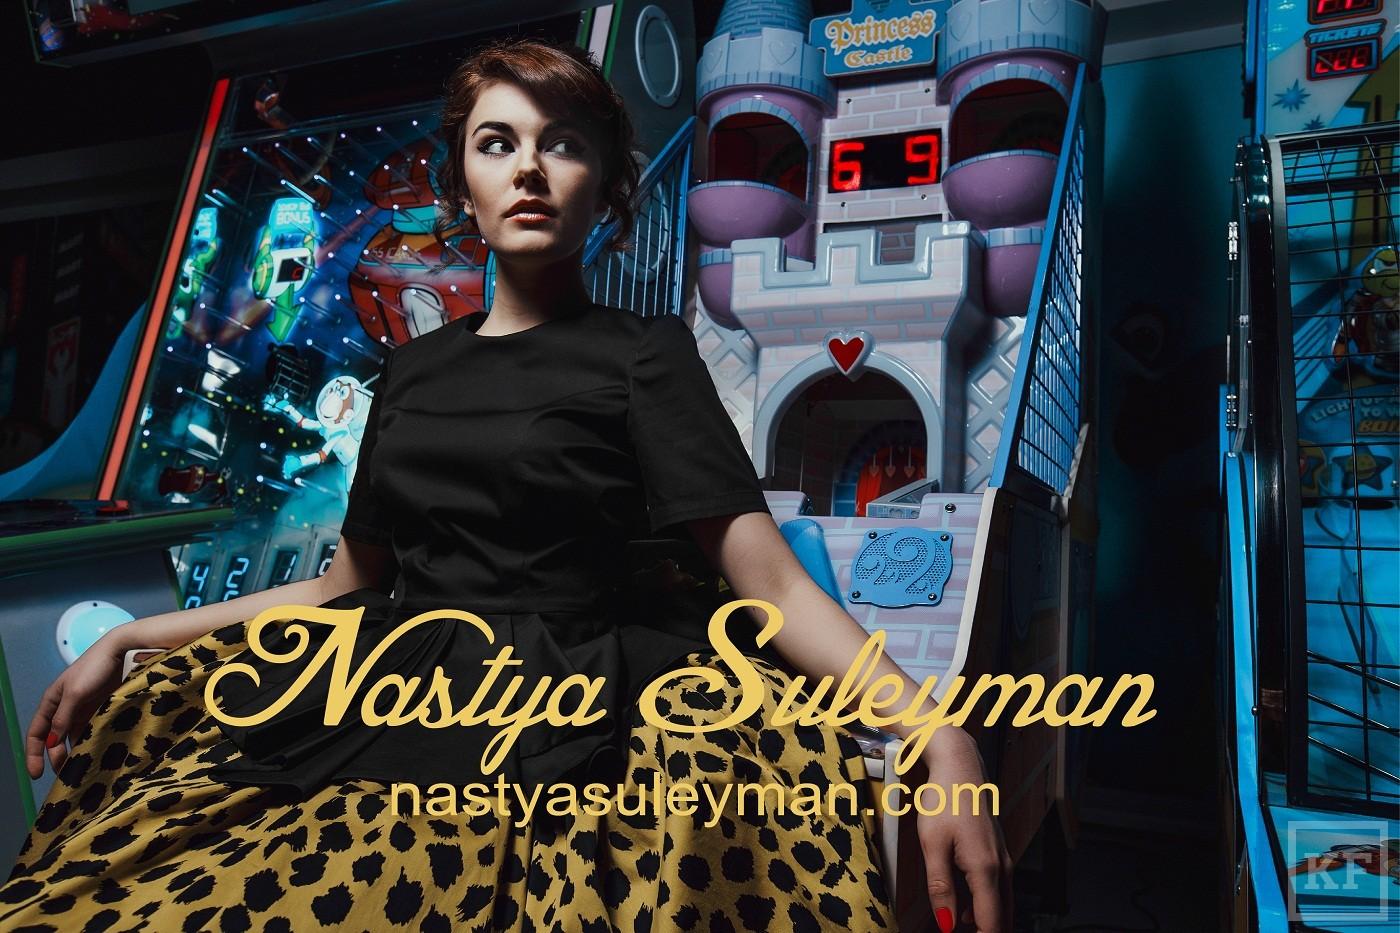 Настя Сулейман: «Сегодня рентабельность большей части молодых брендов под сомнением, некоторые из них кто-то содержит»